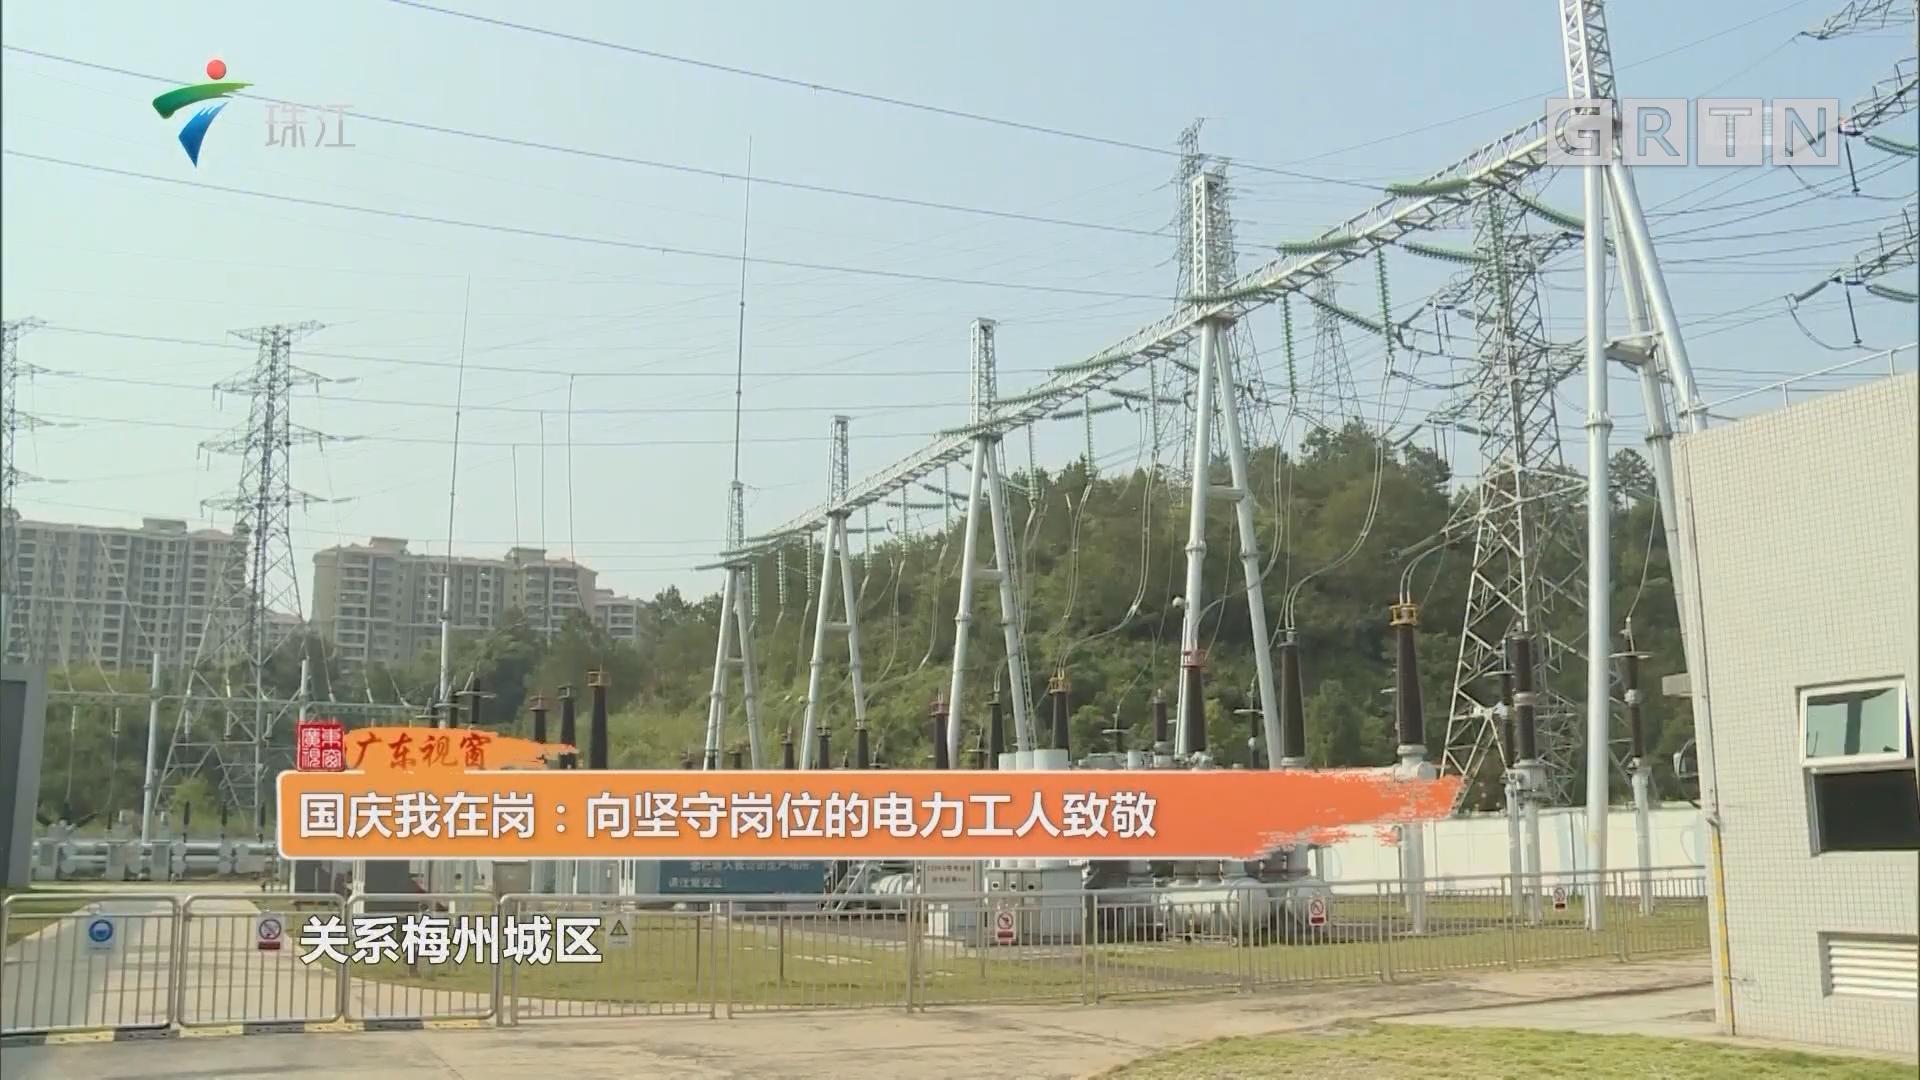 国庆我在岗:向坚守岗位的电力工人致敬